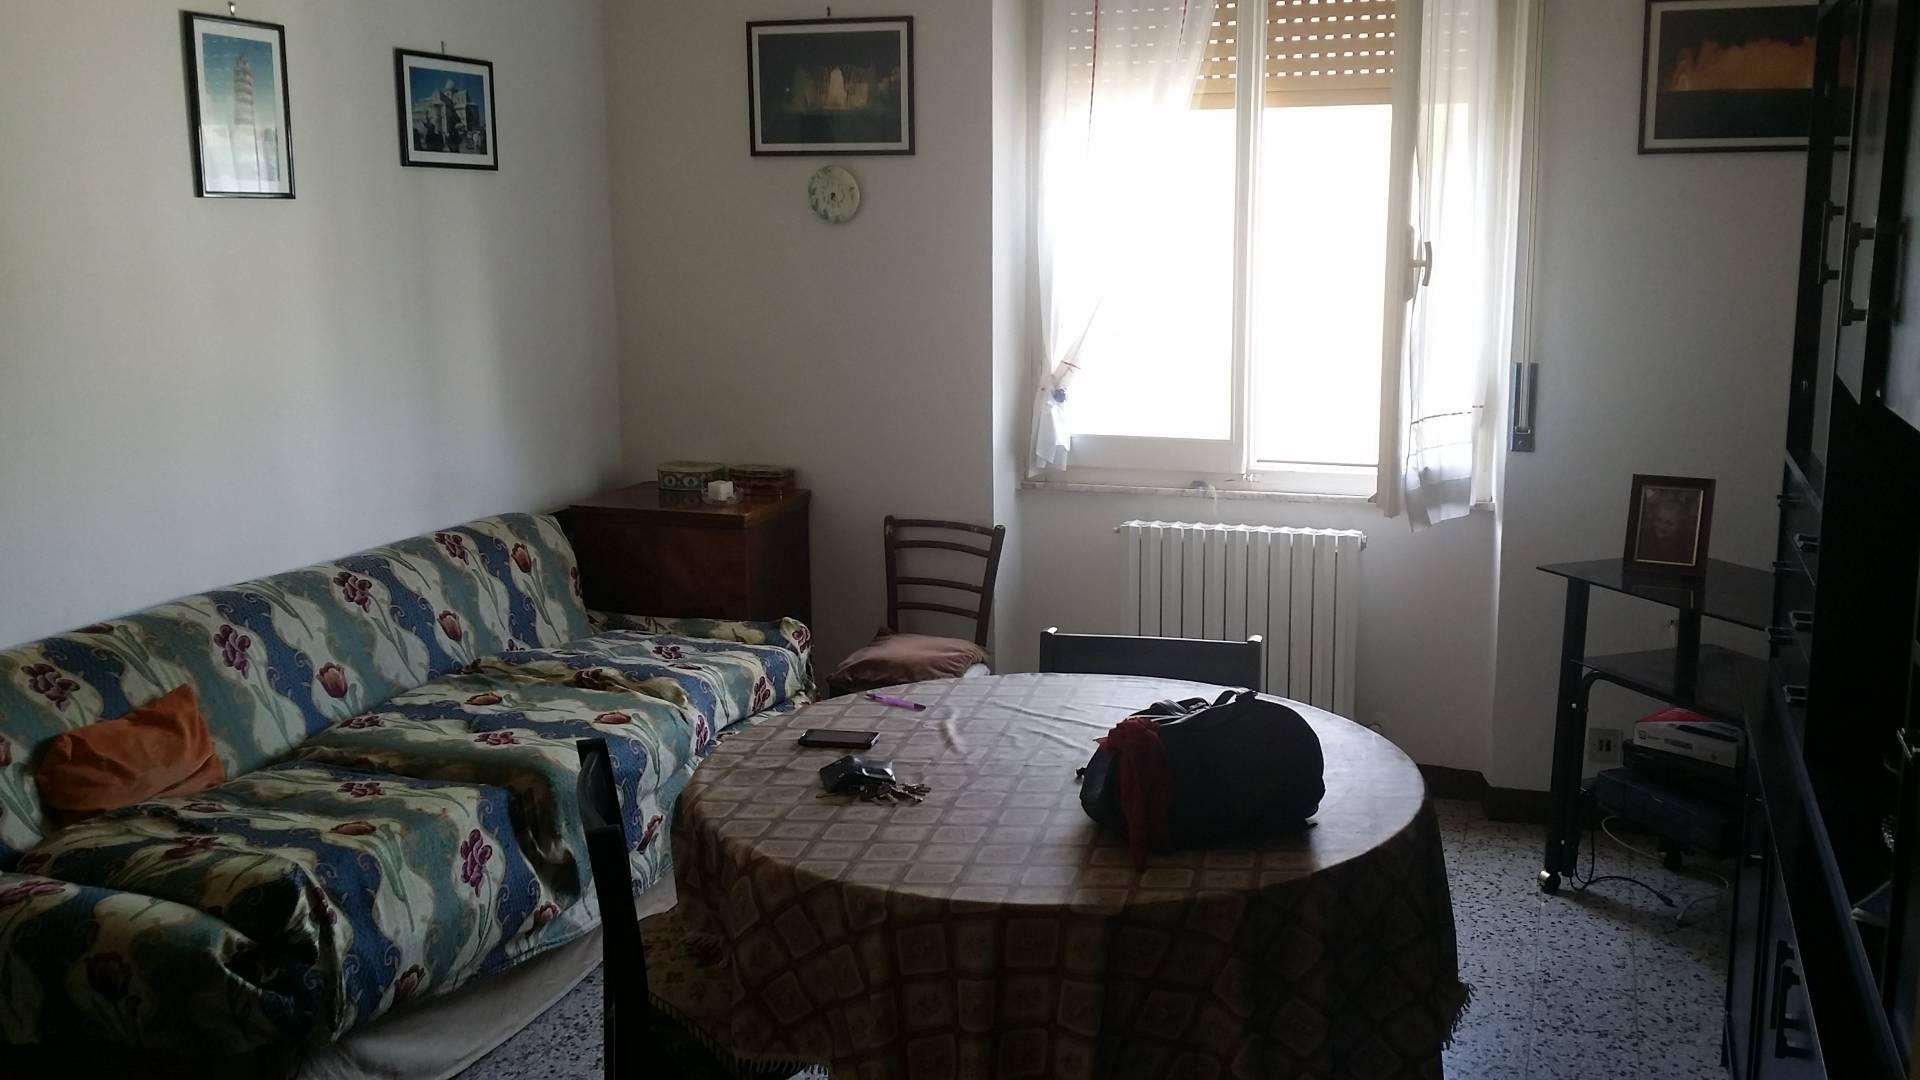 Appartamento in vendita a Ascoli Piceno, 6 locali, zona Località: PortaMaggiore, prezzo € 90.000 | CambioCasa.it